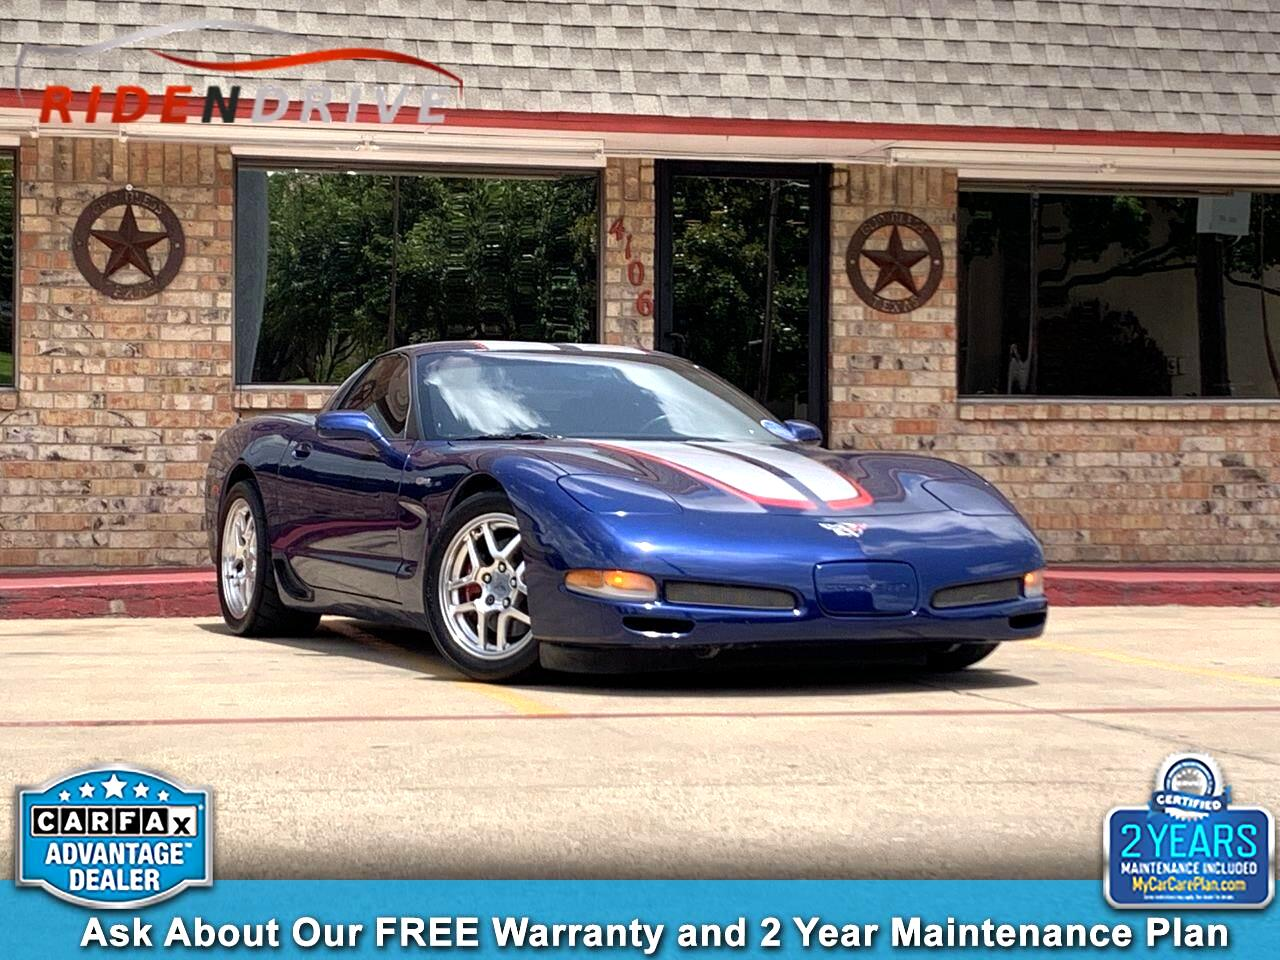 Chevrolet Corvette 2dr Z06 Hardtop 2004